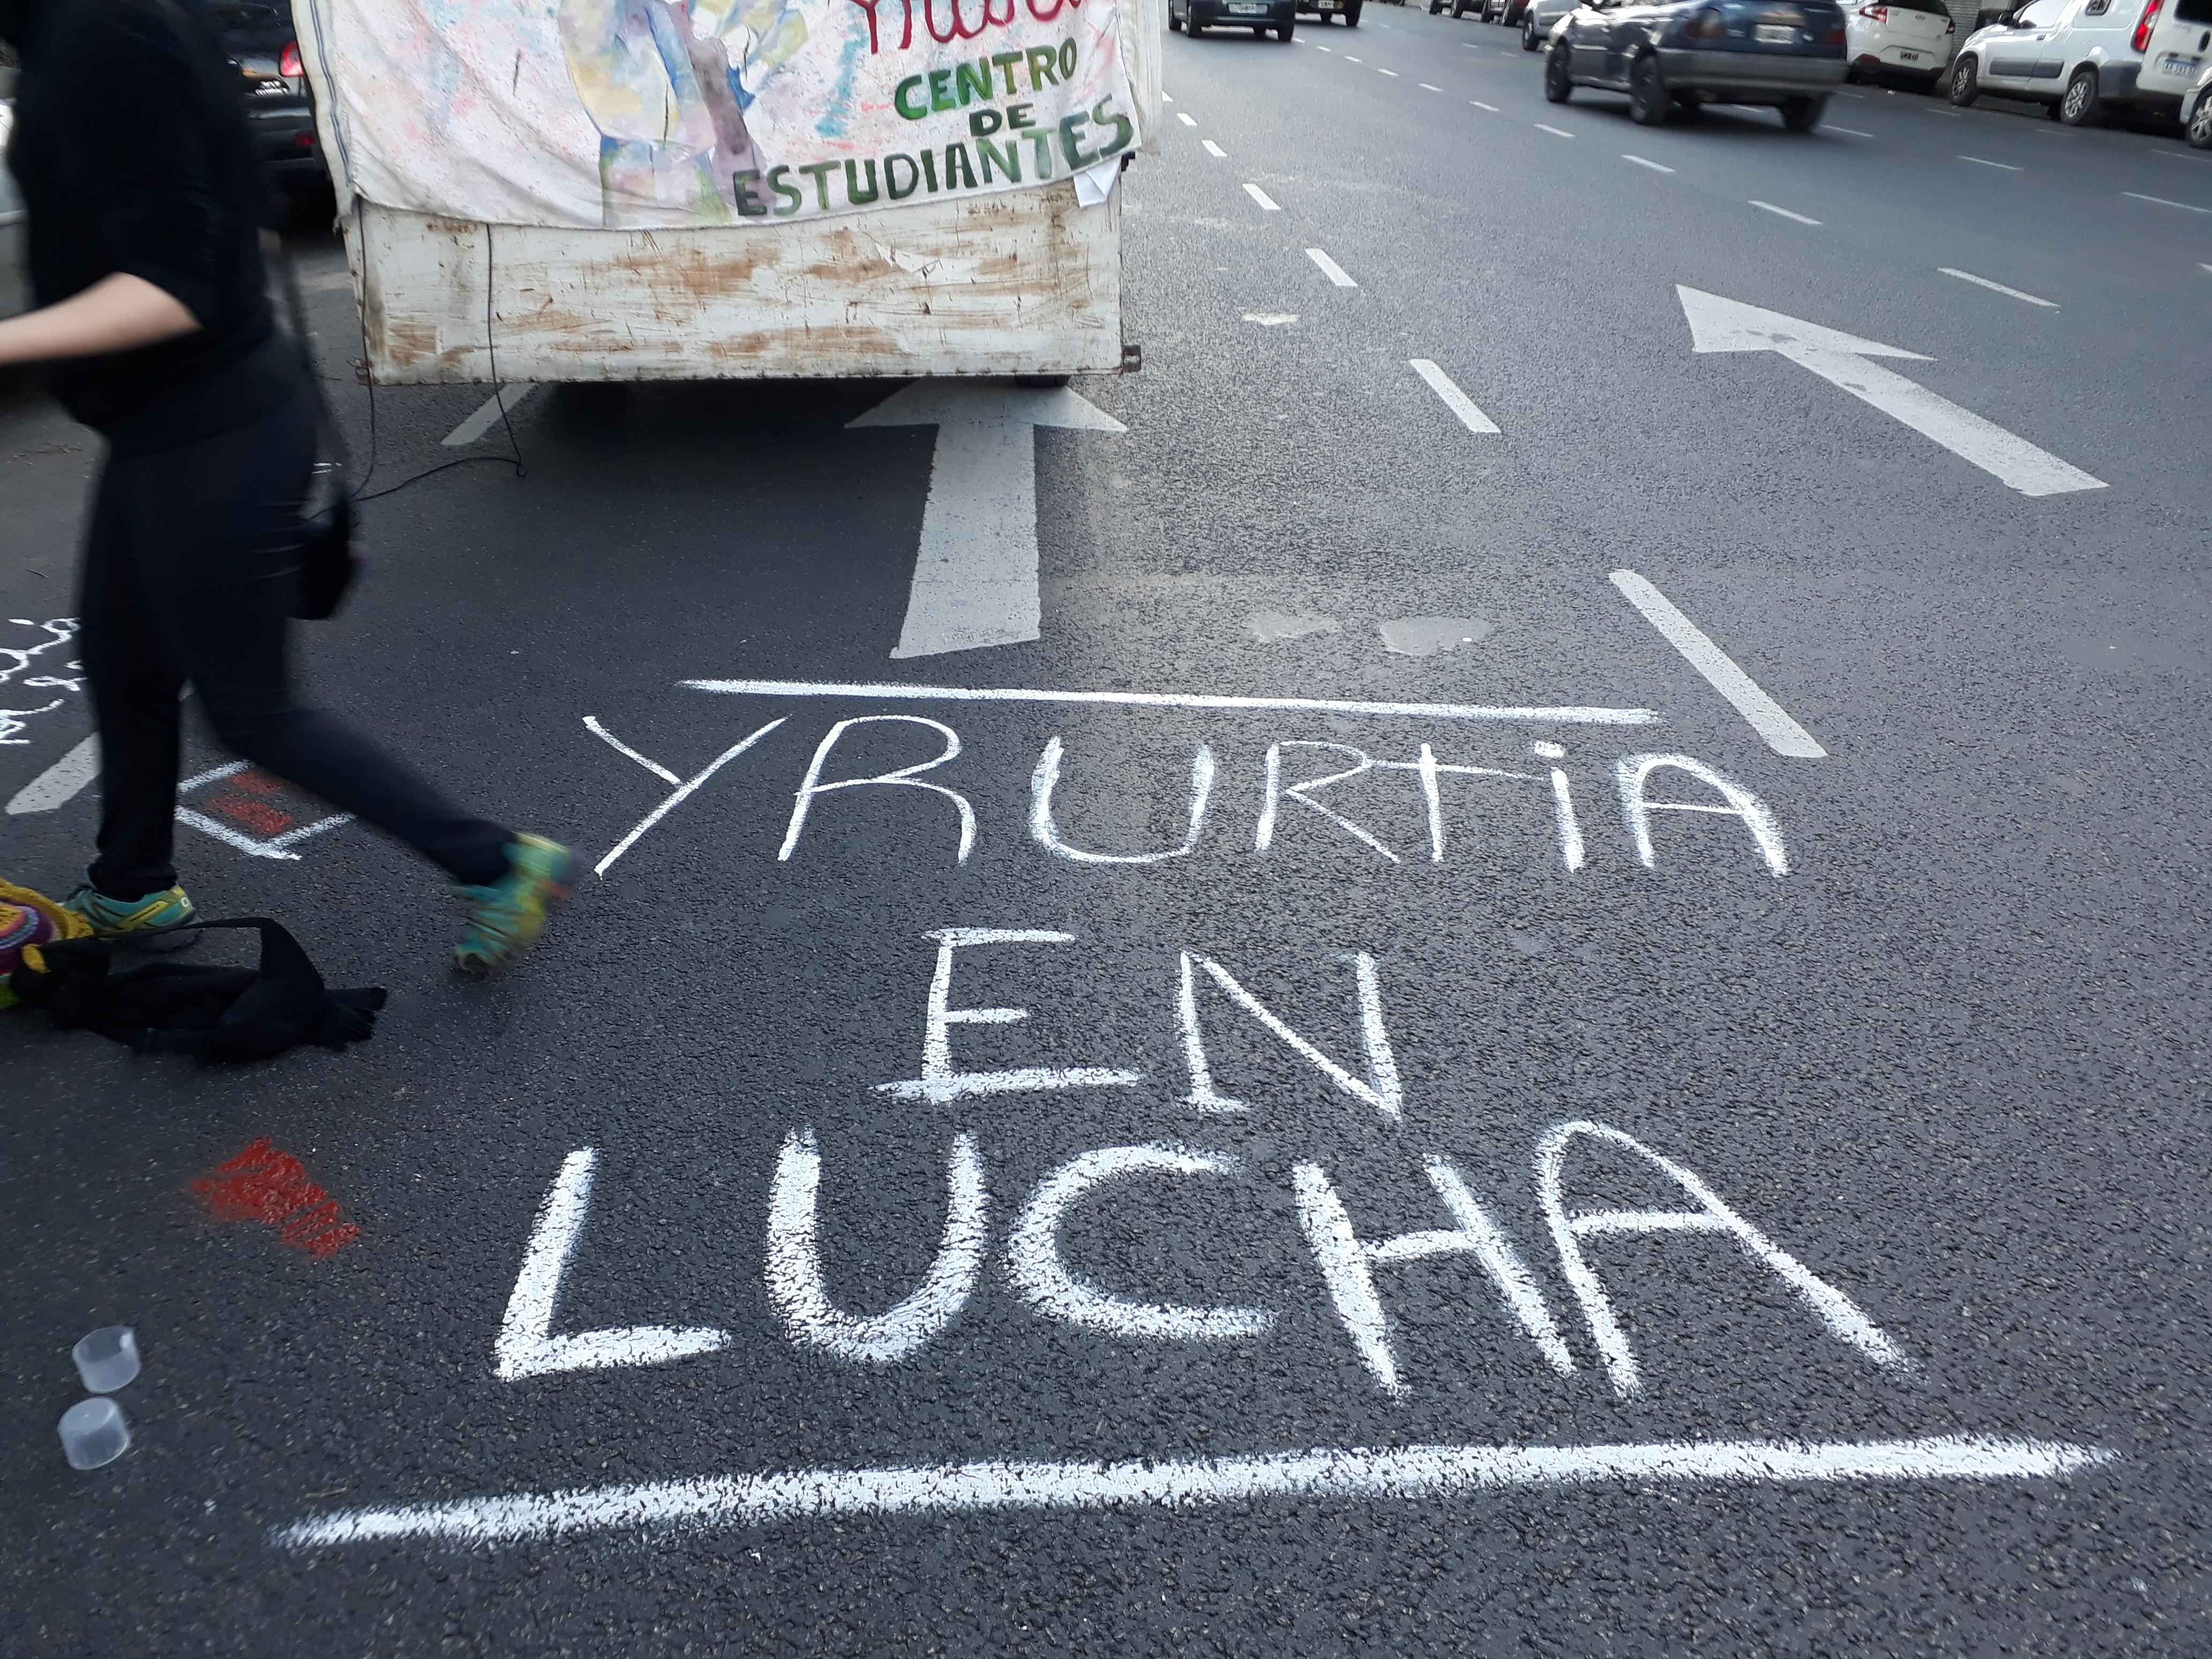 Otra injustica contra el Yrurtia | La secundaria necesita vacantes pero el gobierno quiere imponer una escuela primaria en el nuevo edificio